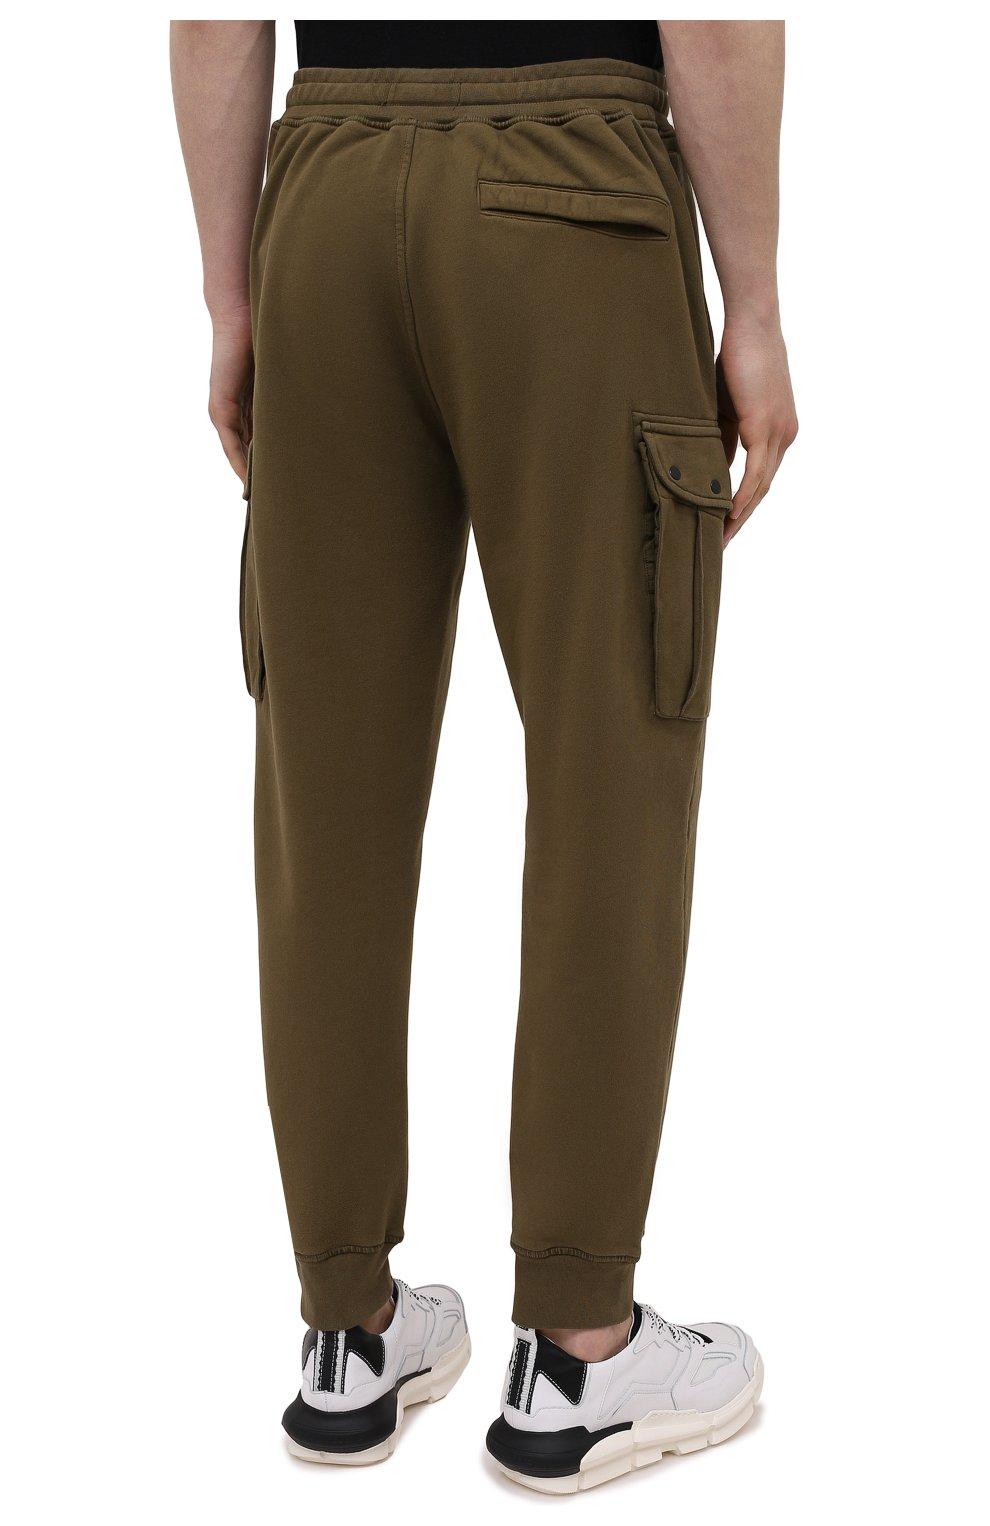 Мужские хлопковые джоггеры STONE ISLAND хаки цвета, арт. 741565251   Фото 4 (Силуэт М (брюки): Карго, Джоггеры; Мужское Кросс-КТ: Брюки-трикотаж; Длина (брюки, джинсы): Стандартные; Стили: Милитари; Материал внешний: Хлопок)